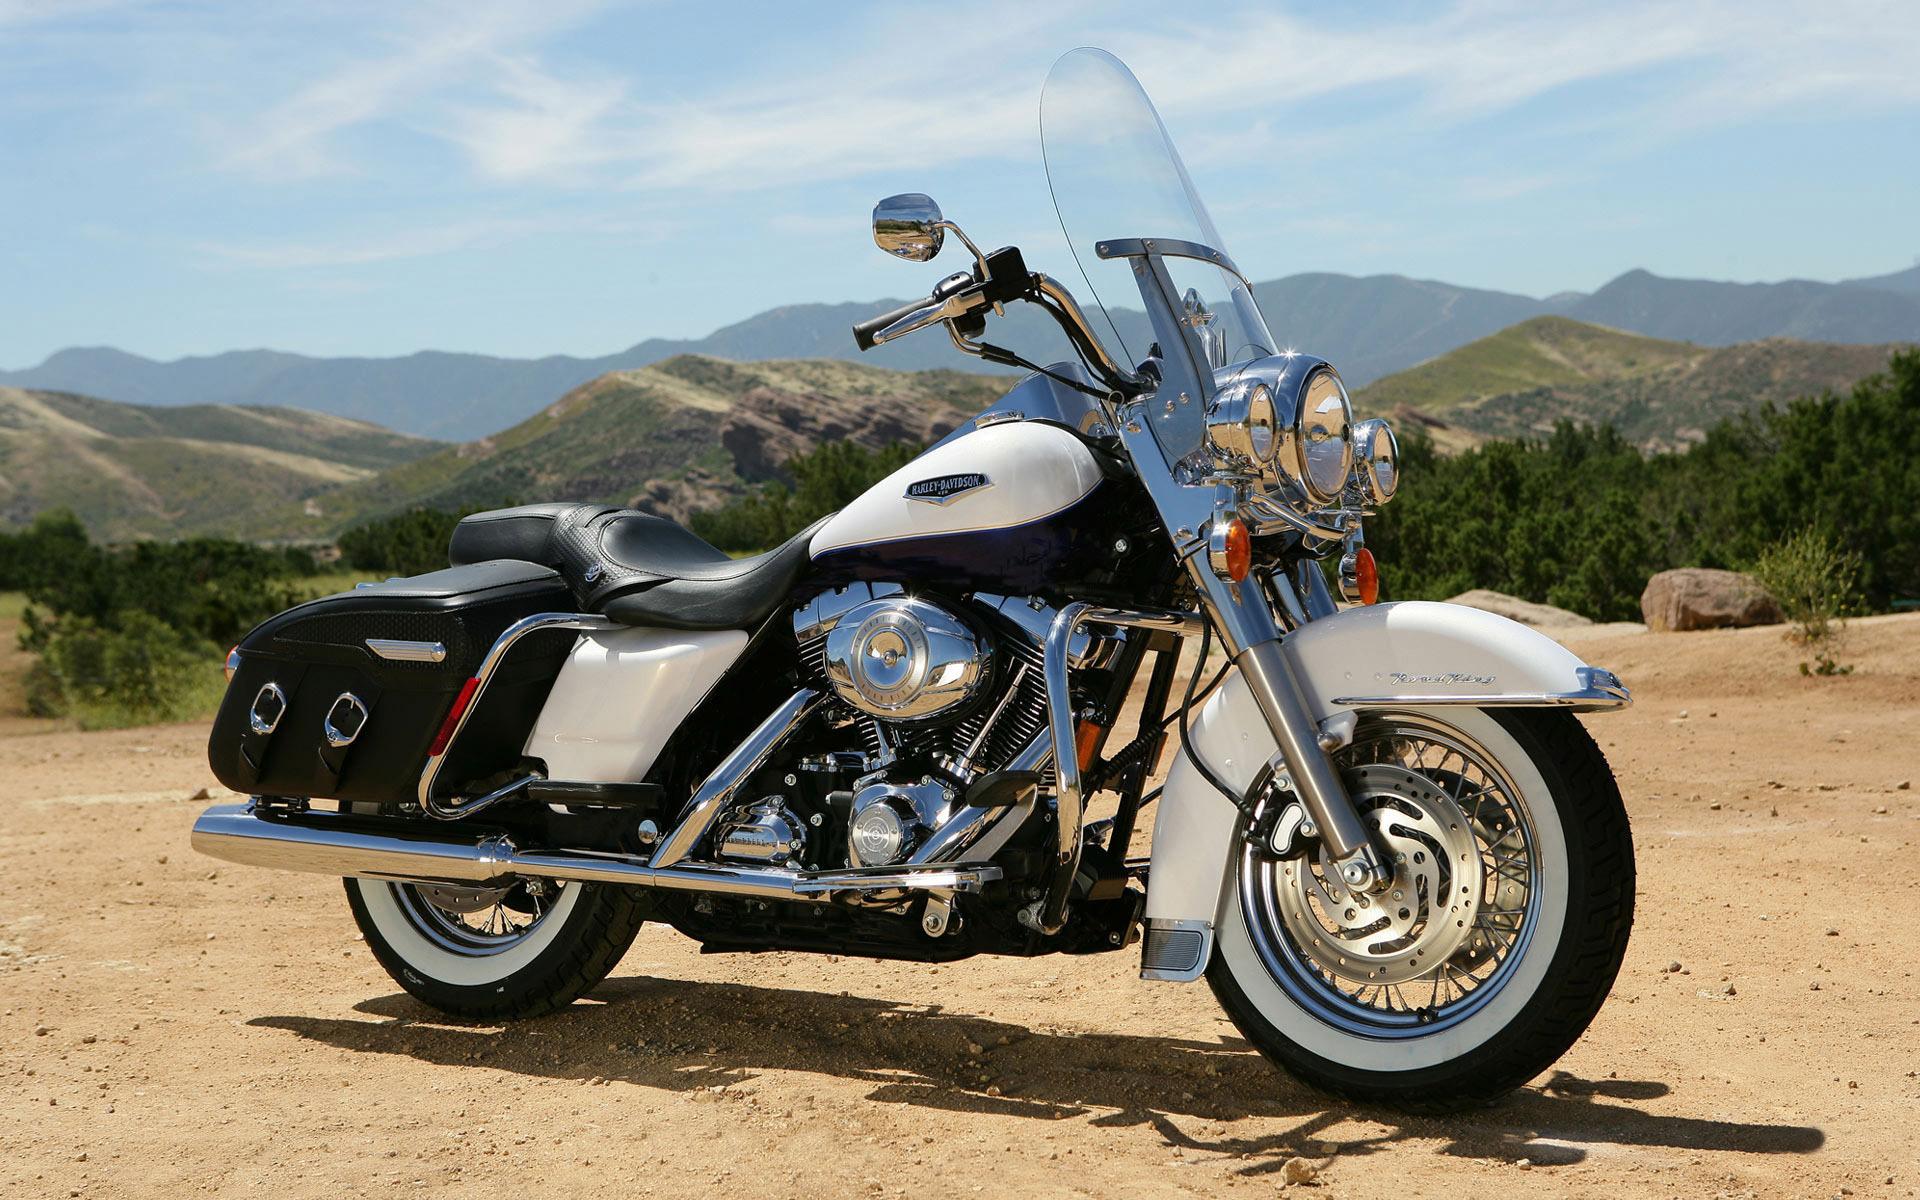 Harley-Davidson-White-Motorcycle-Wallpaper.jpg